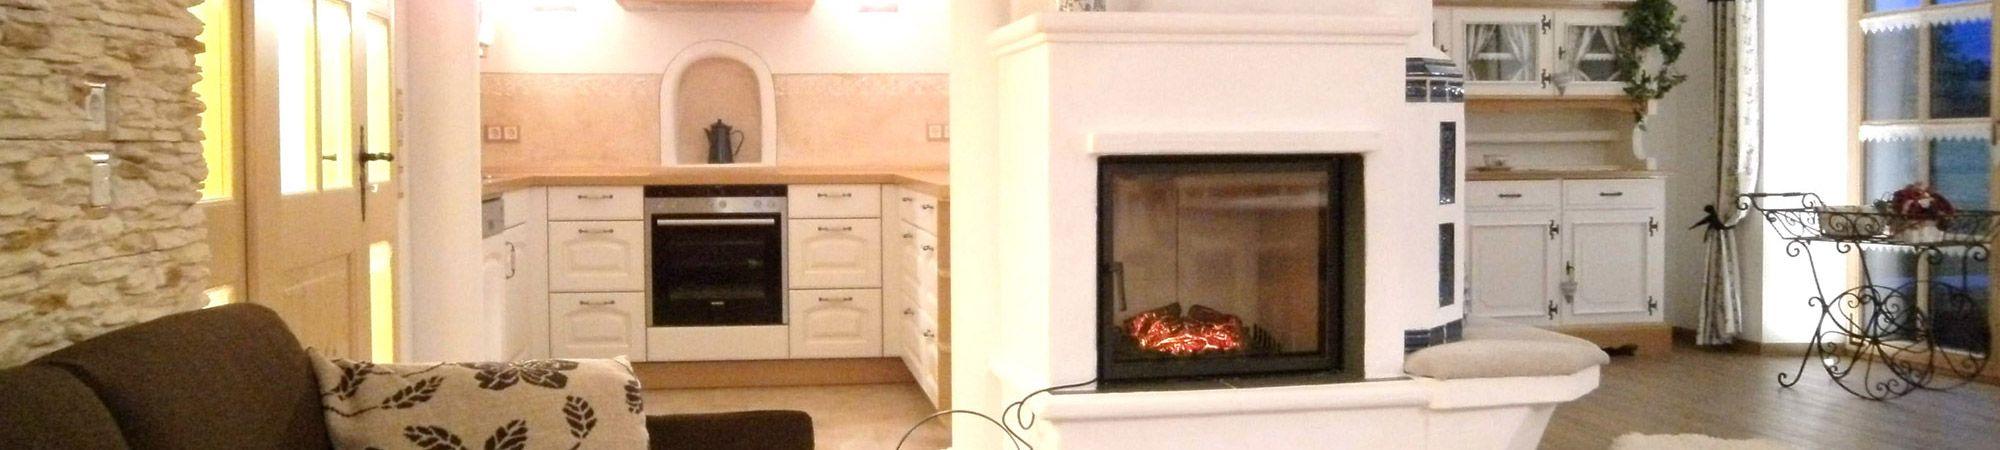 Ferienwohnung Sissi am Chiemsee - Wohnbereich, Küche